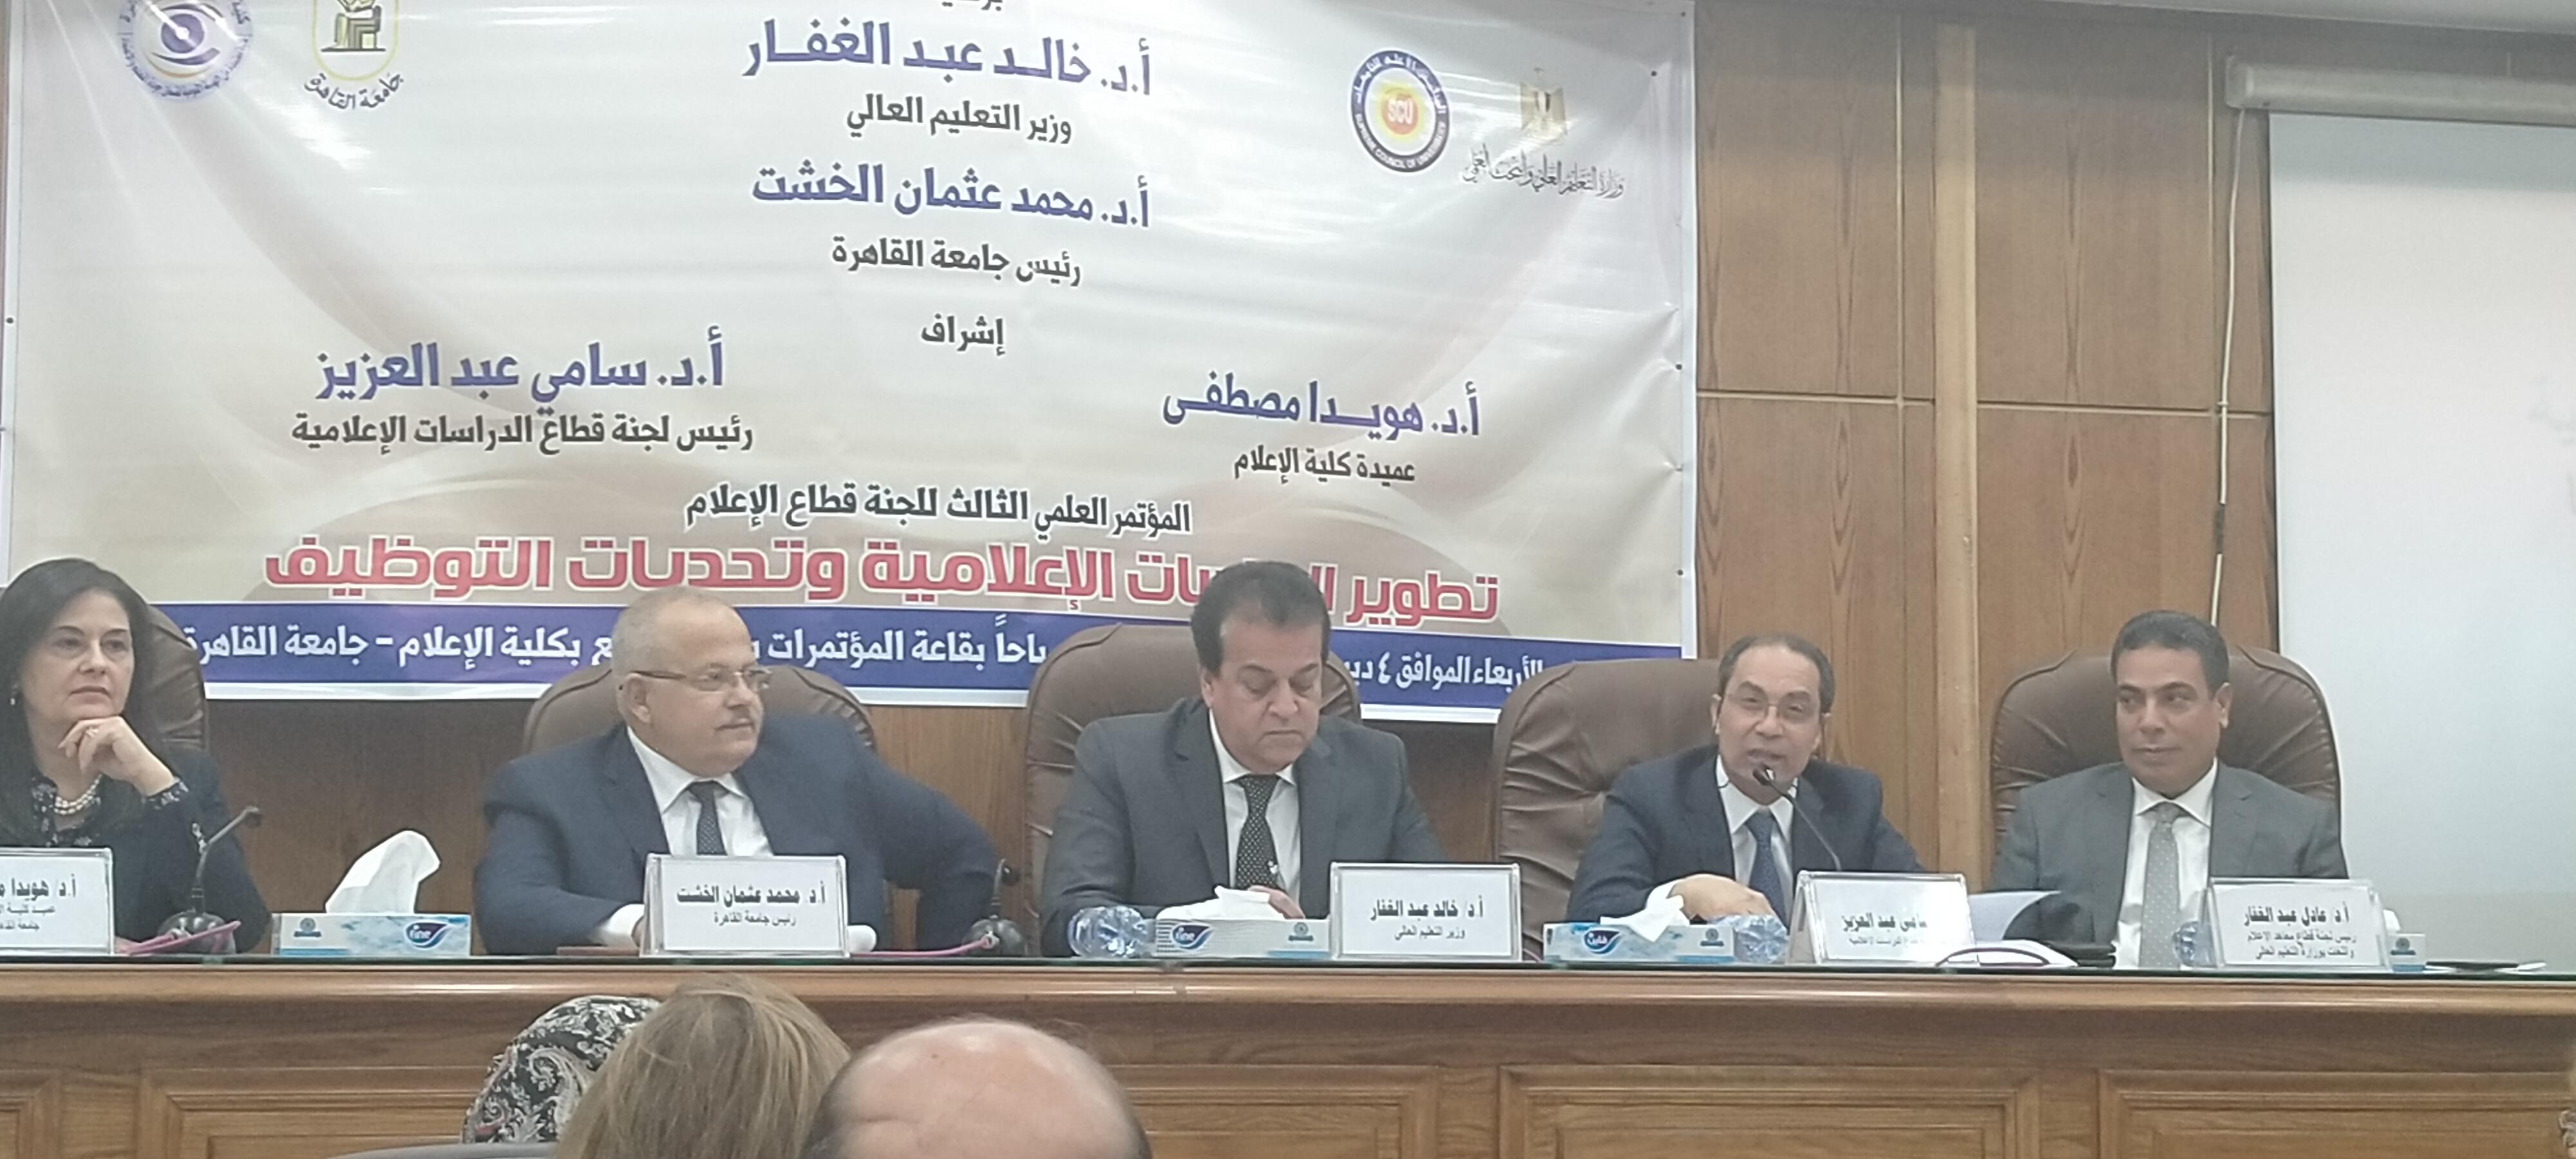 مؤتمر تطوير الدراسات الإعلامية وتحديات التوظيف   (6)